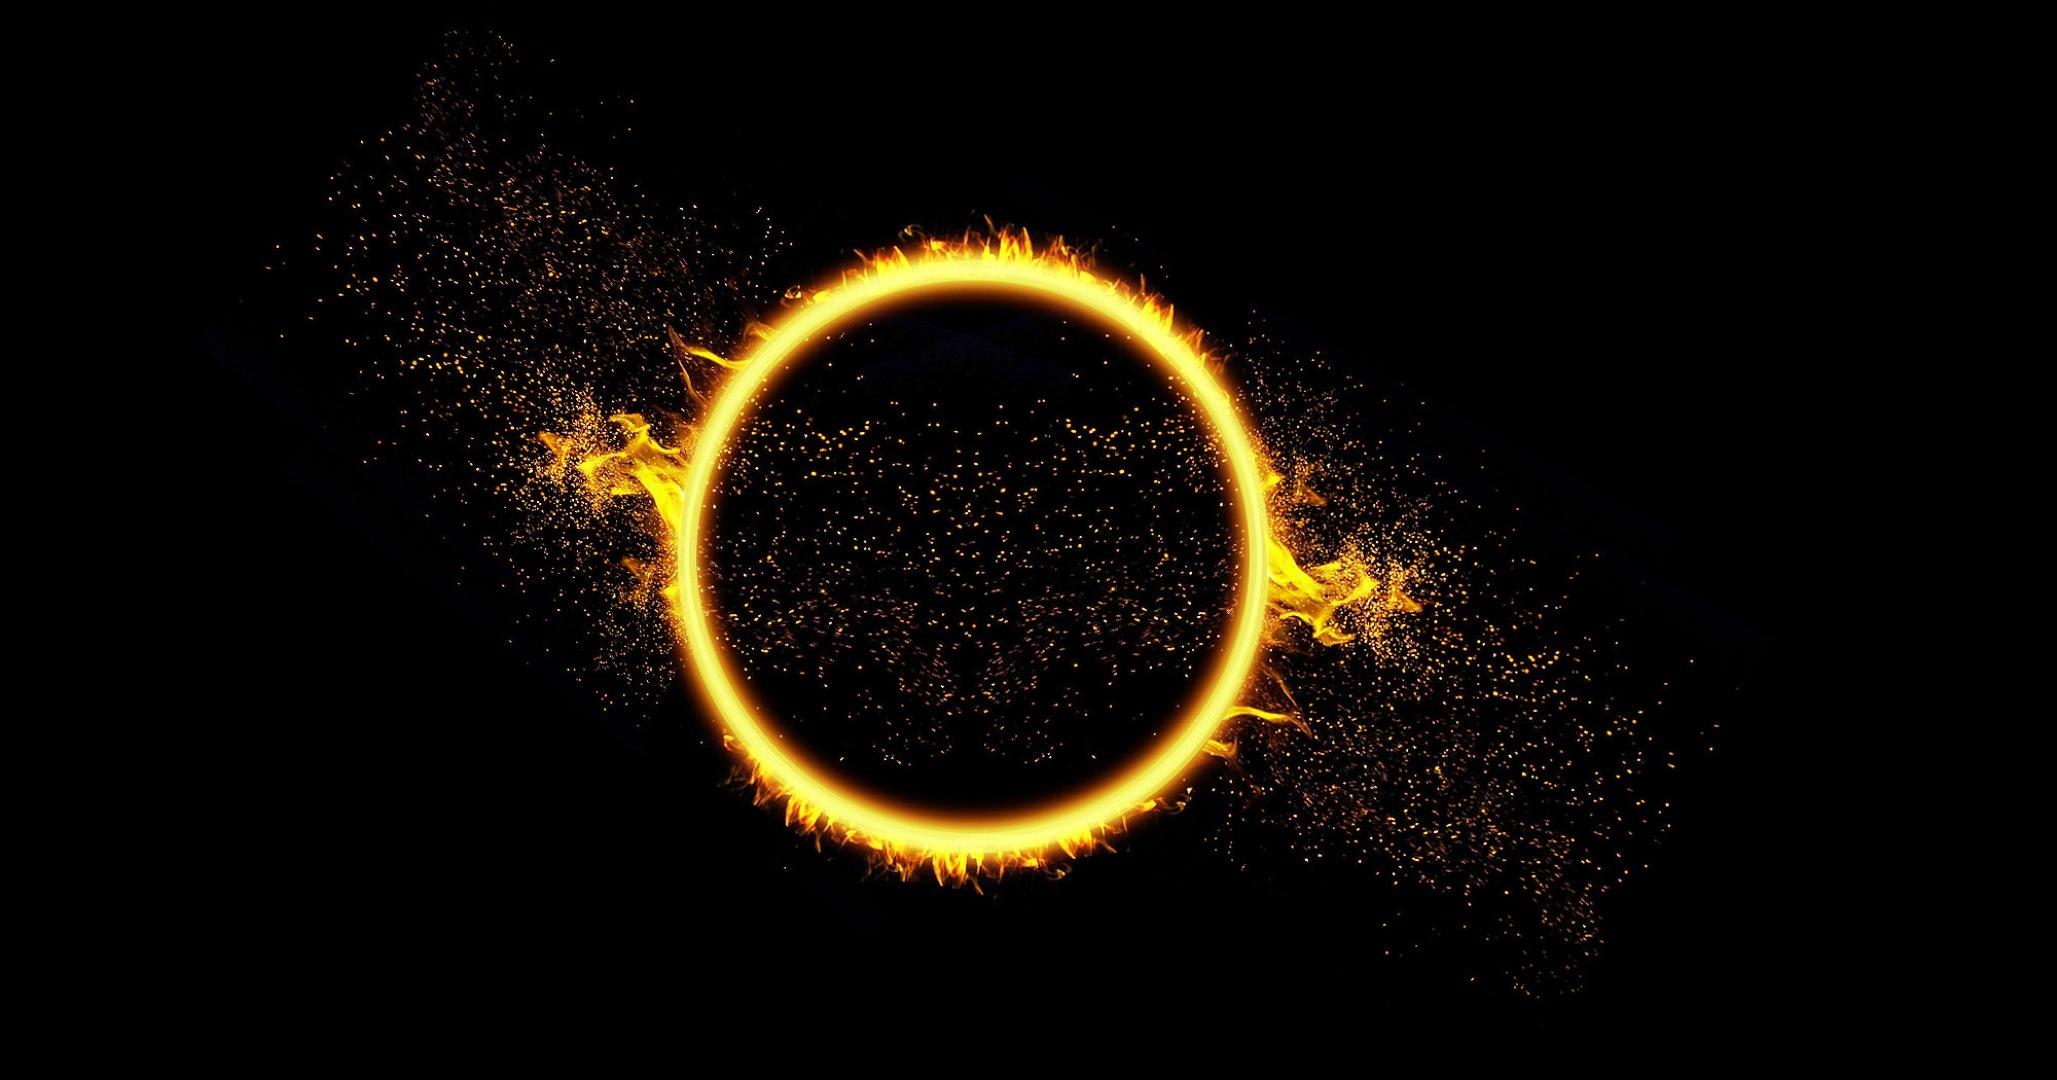 Фигура круг коричневый  № 2279637  скачать